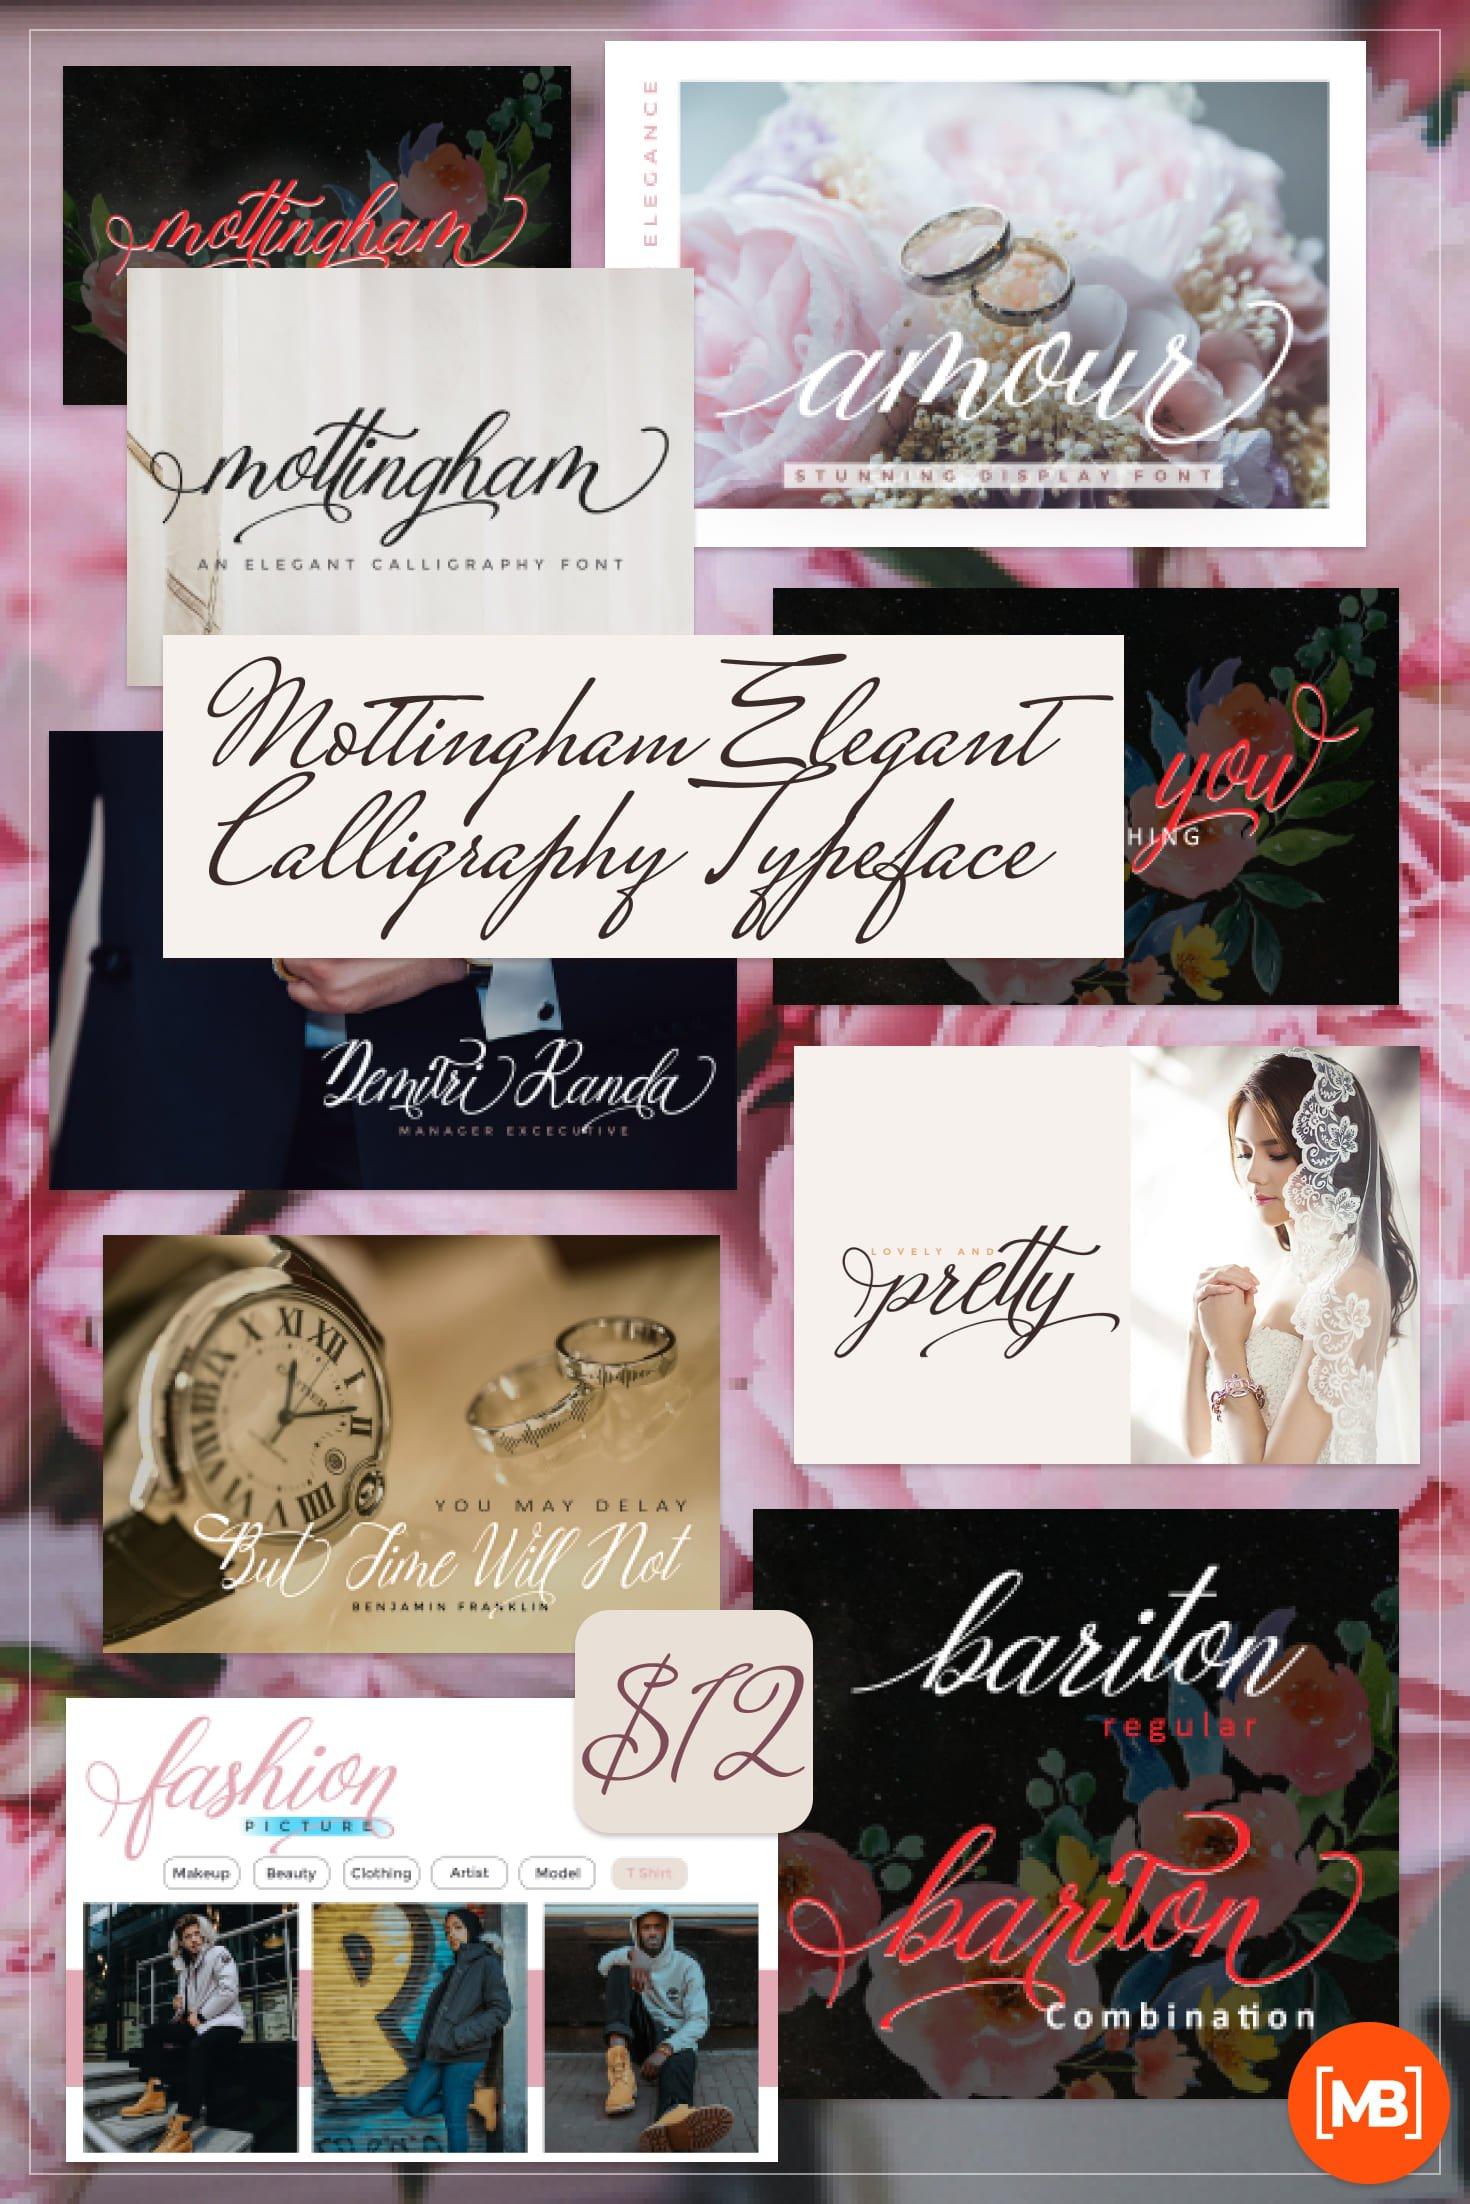 Pinterest Image: Mottingham Elegant Calligraphy Typeface - $12.